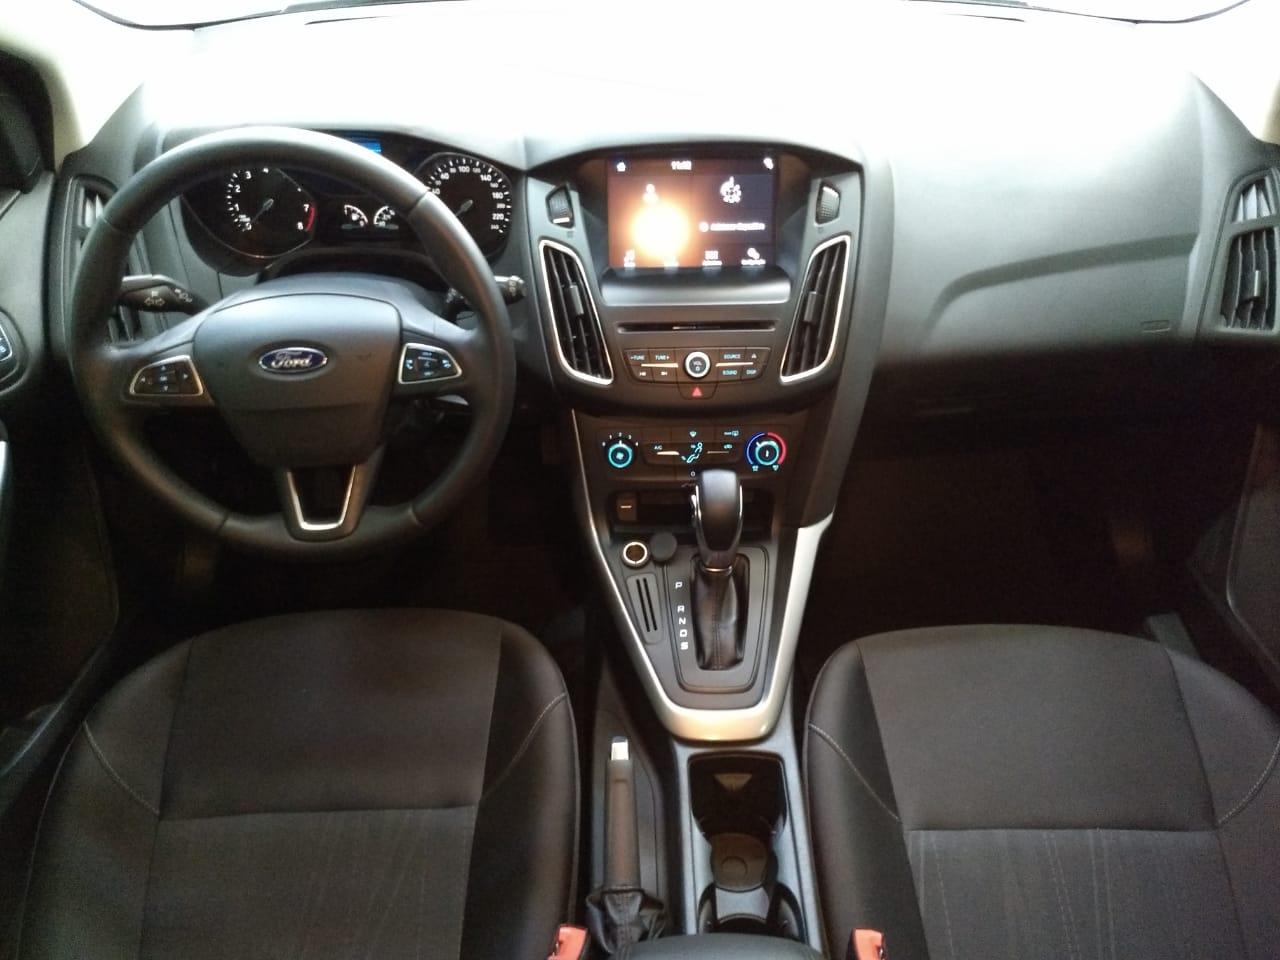 Ford Focus SE 2.0L 2018